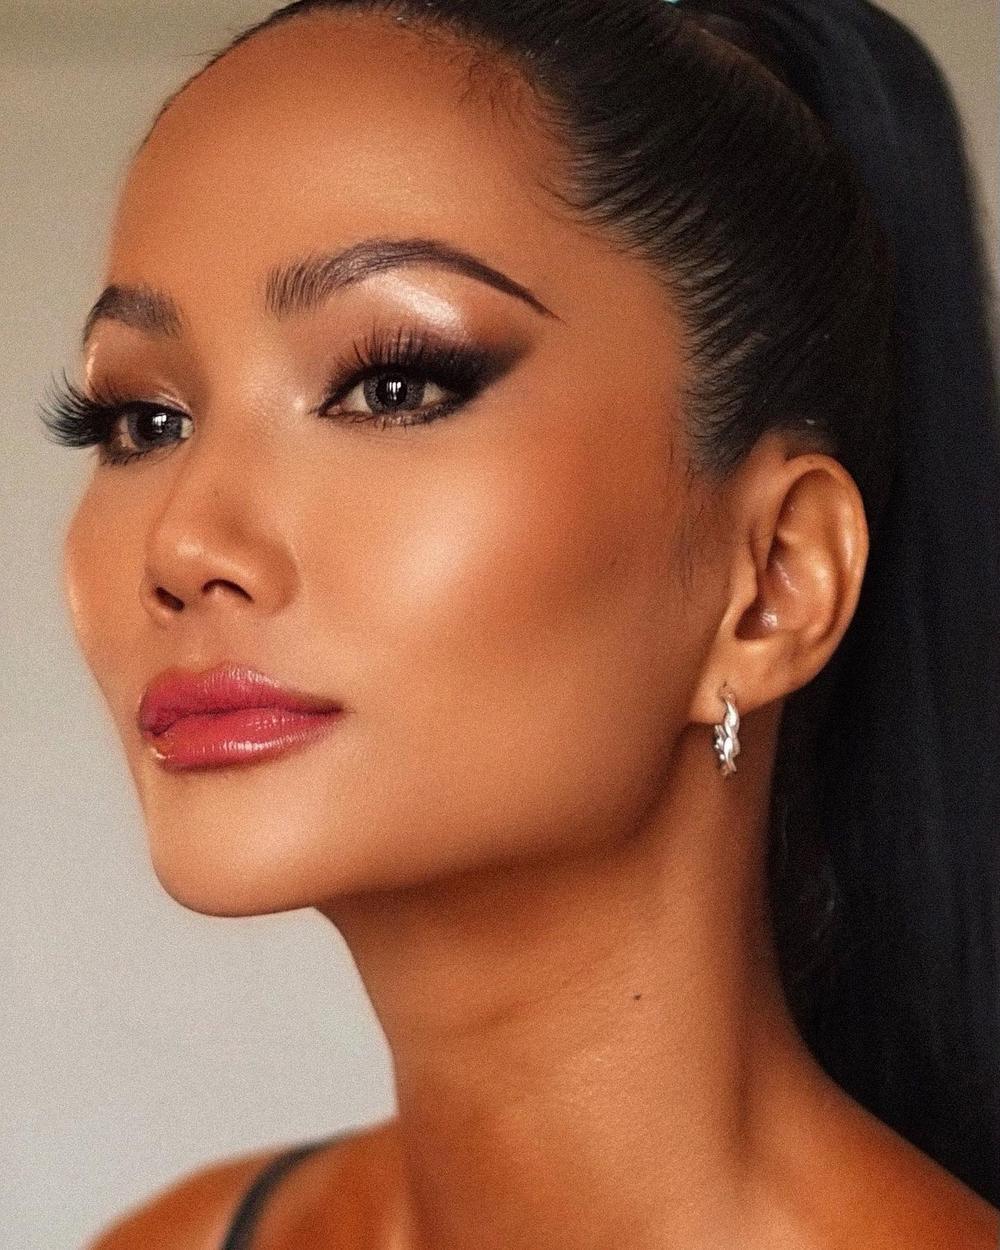 Miss Universe Vietnam 2021 khởi động, H'Hen Niê trở thành giám khảo tìm kiếm nhan sắc kế nhiệm Khánh Vân Ảnh 3